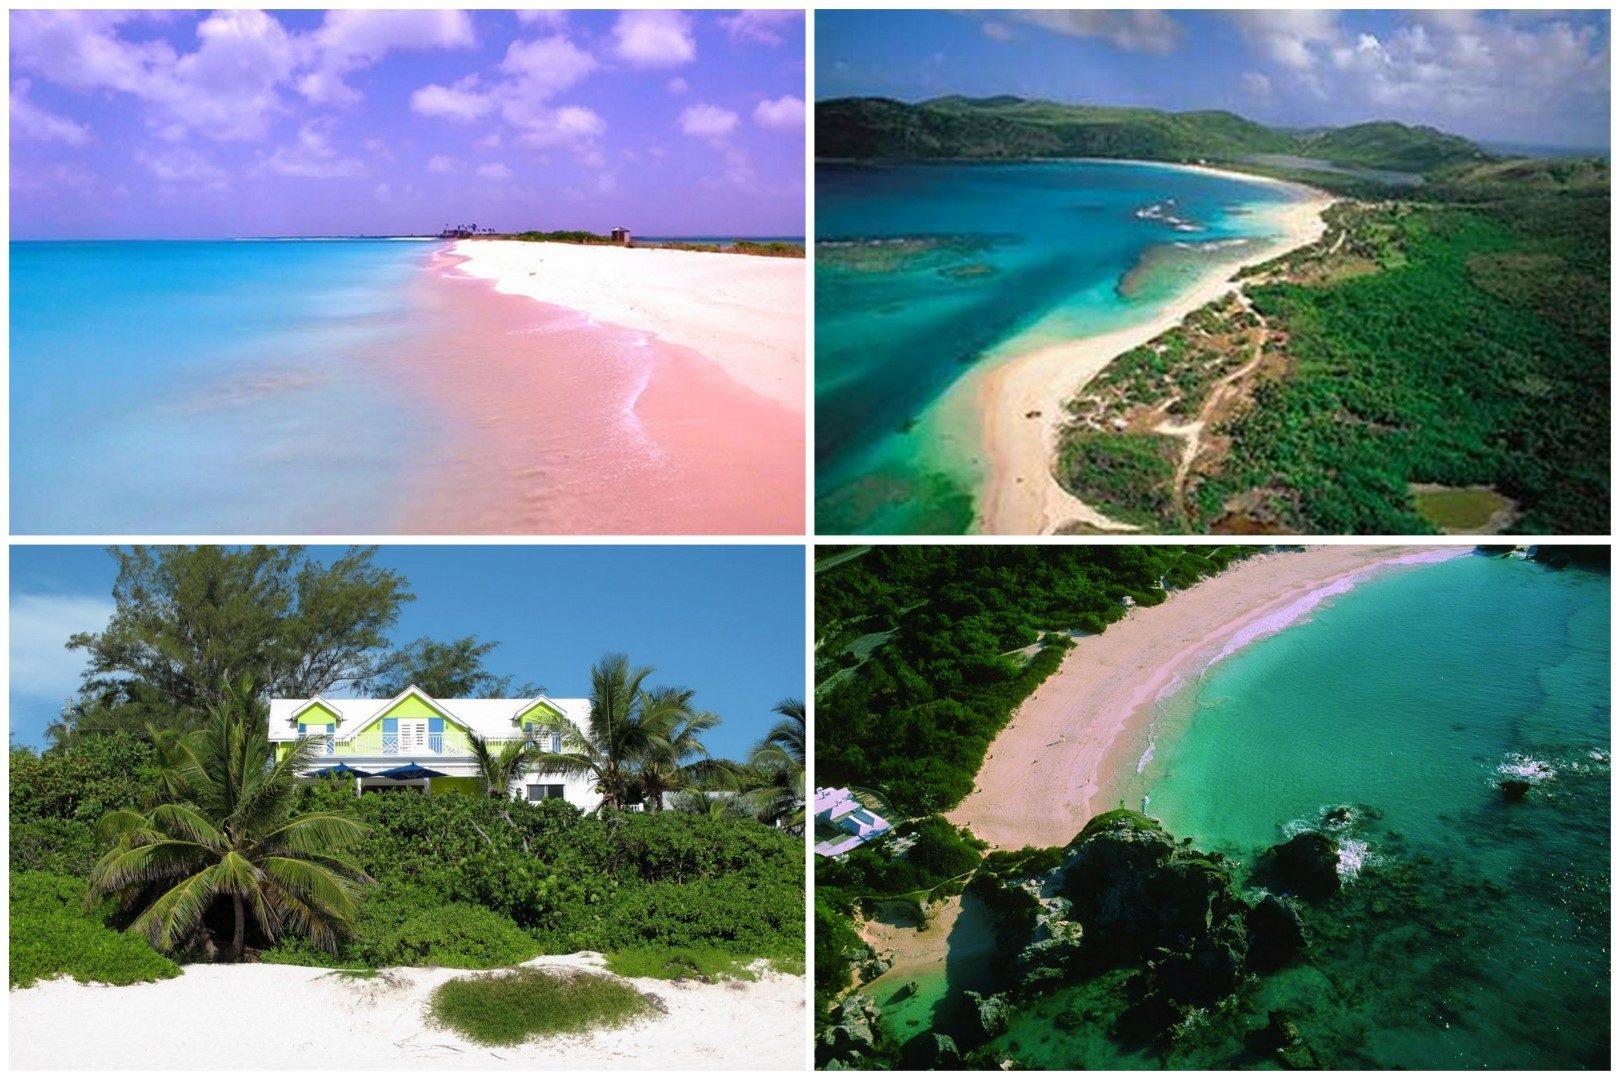 ,naszut 2017,bahamak,naszutas uti célok,naszutas helyek,romantikus uti célok,romantikus naszut,naszut,